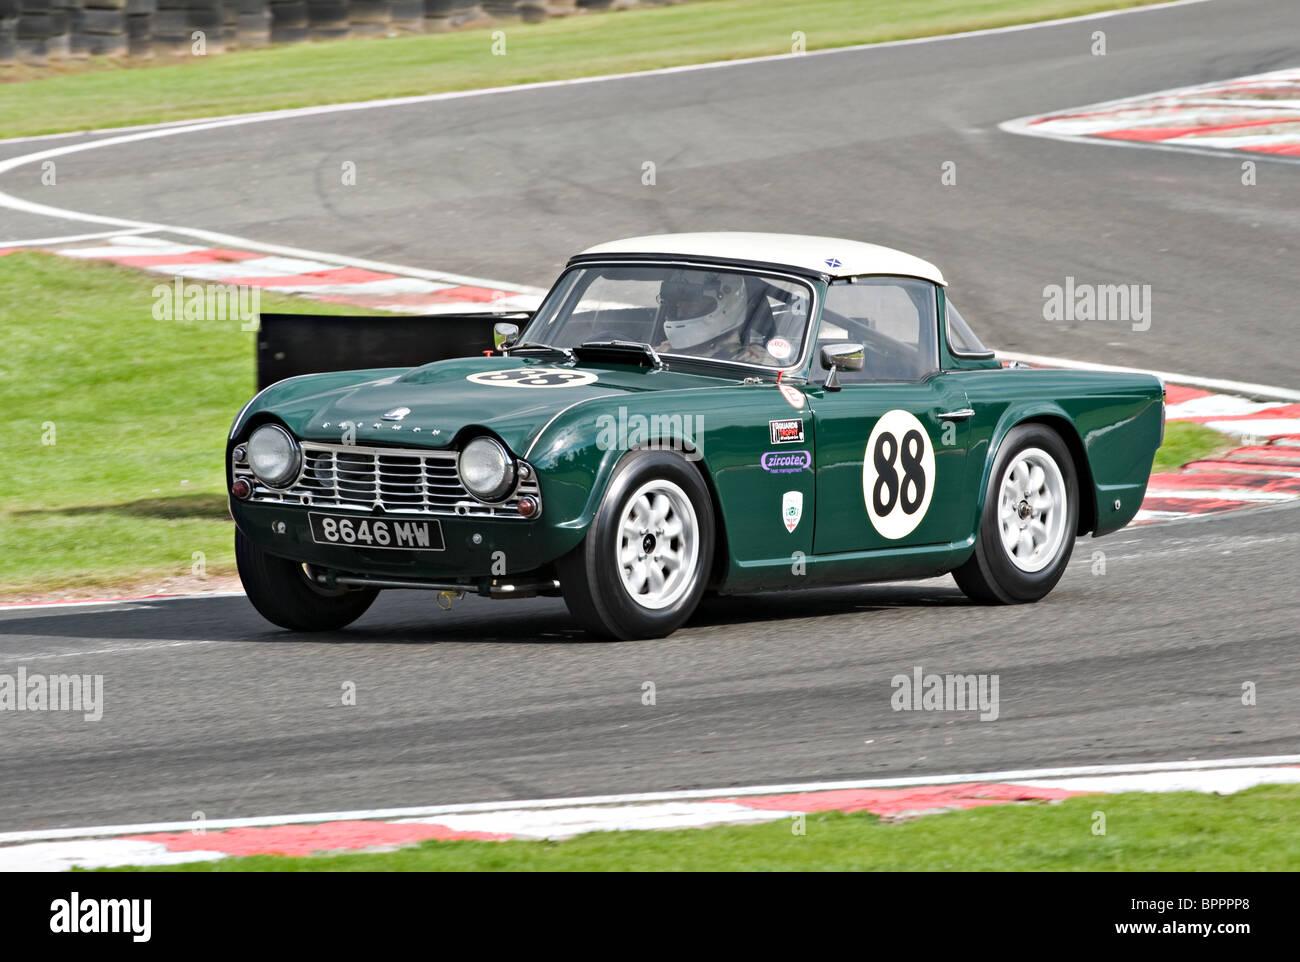 Motor Racing And Triumph Stock Photos & Motor Racing And Triumph ...